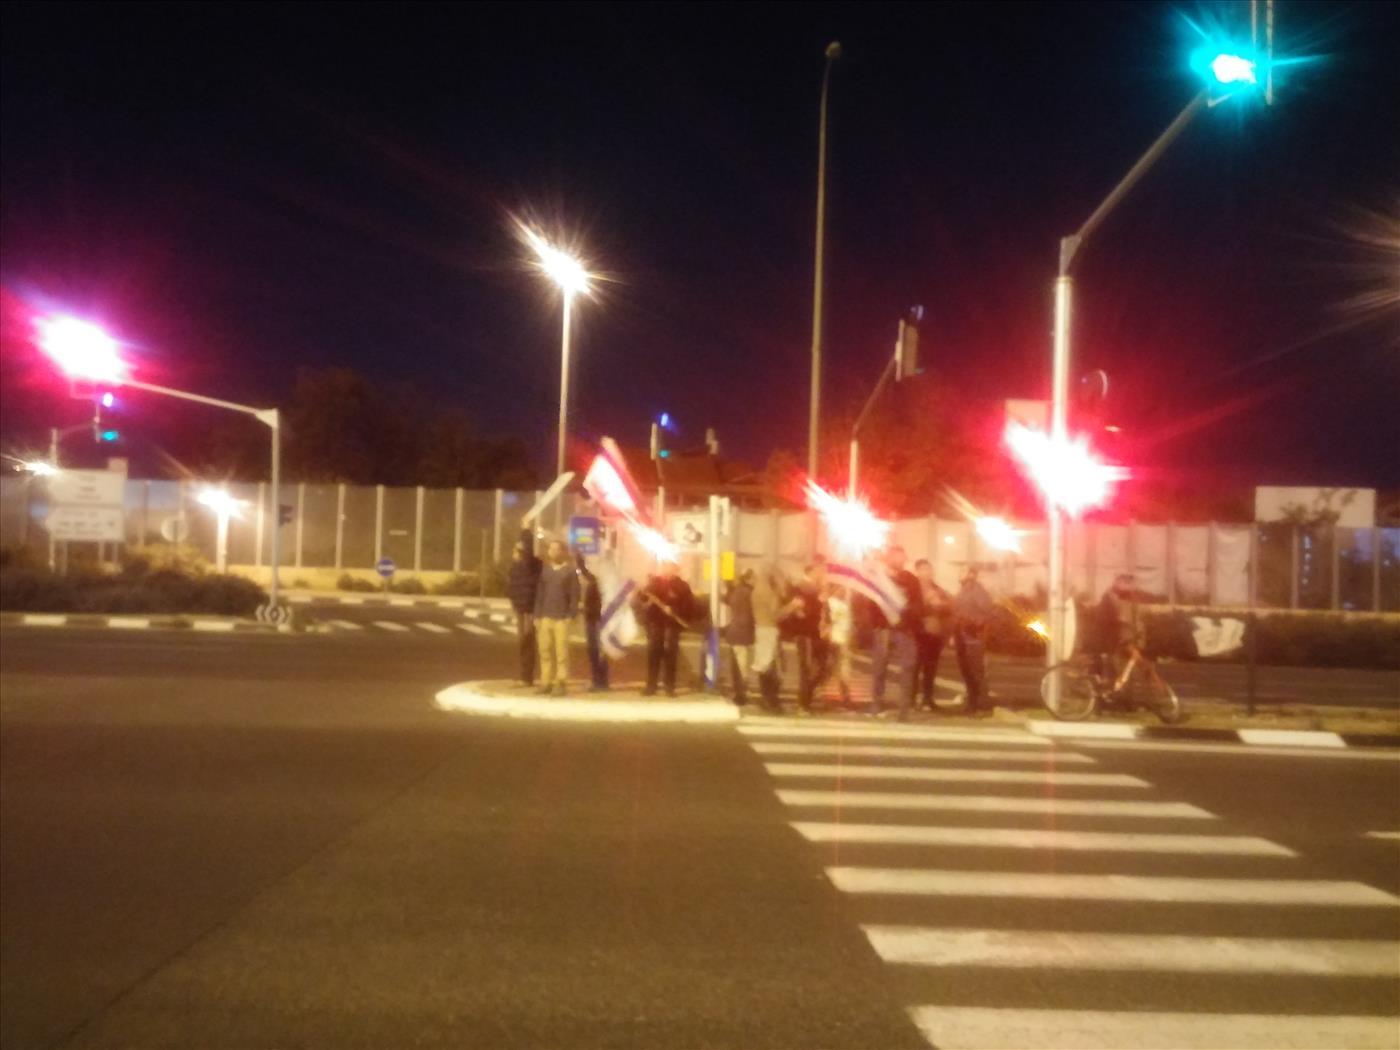 הפגנה בצומת שערייה (יגאל יום טוב)